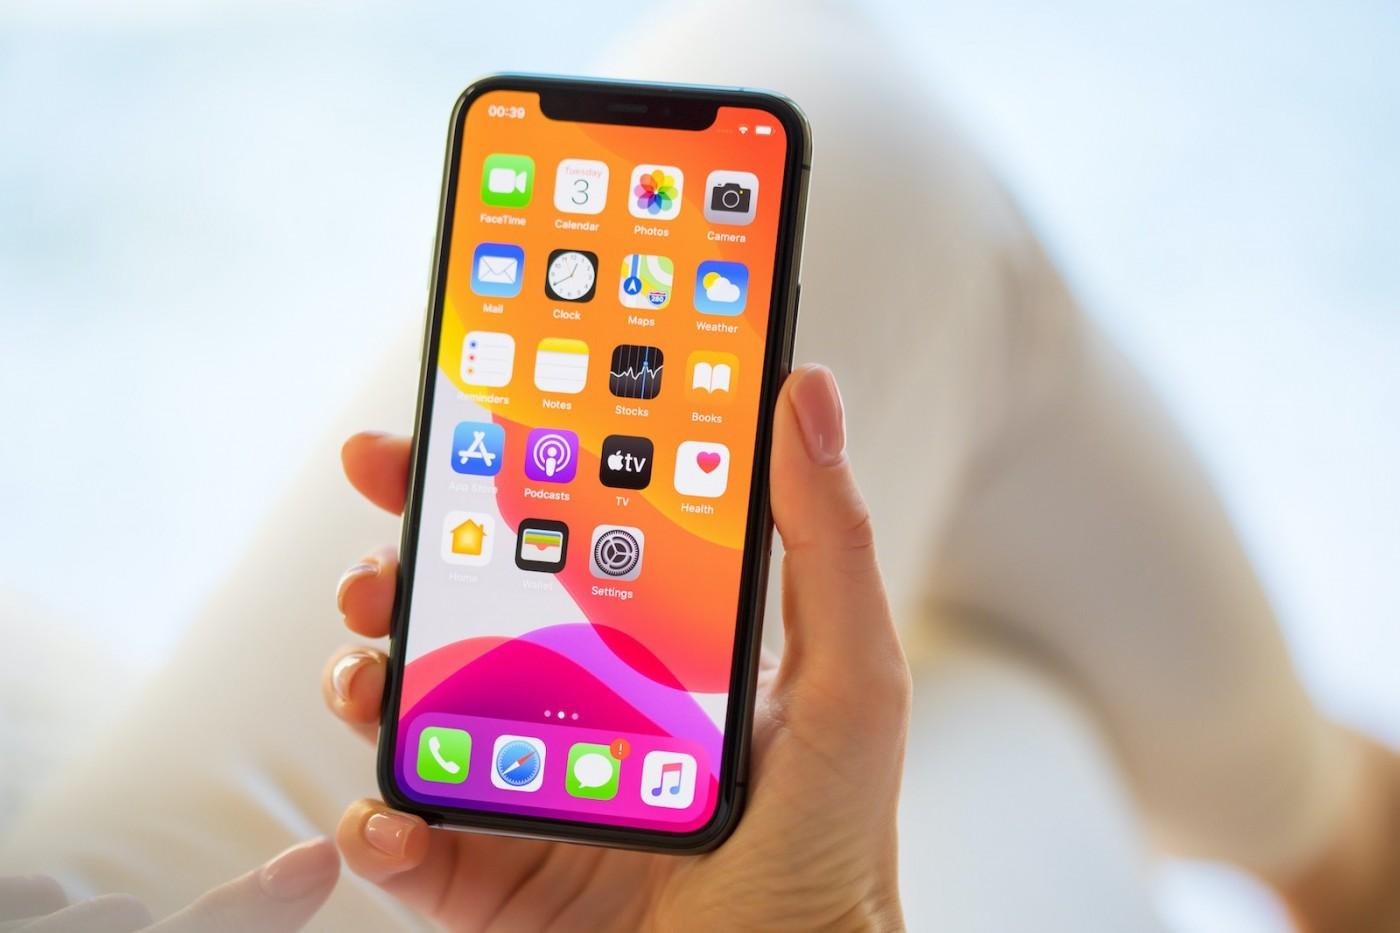 病毒能在手機上活9天,怎麼消毒才正確?蘋果、Google、三星官方建議作法